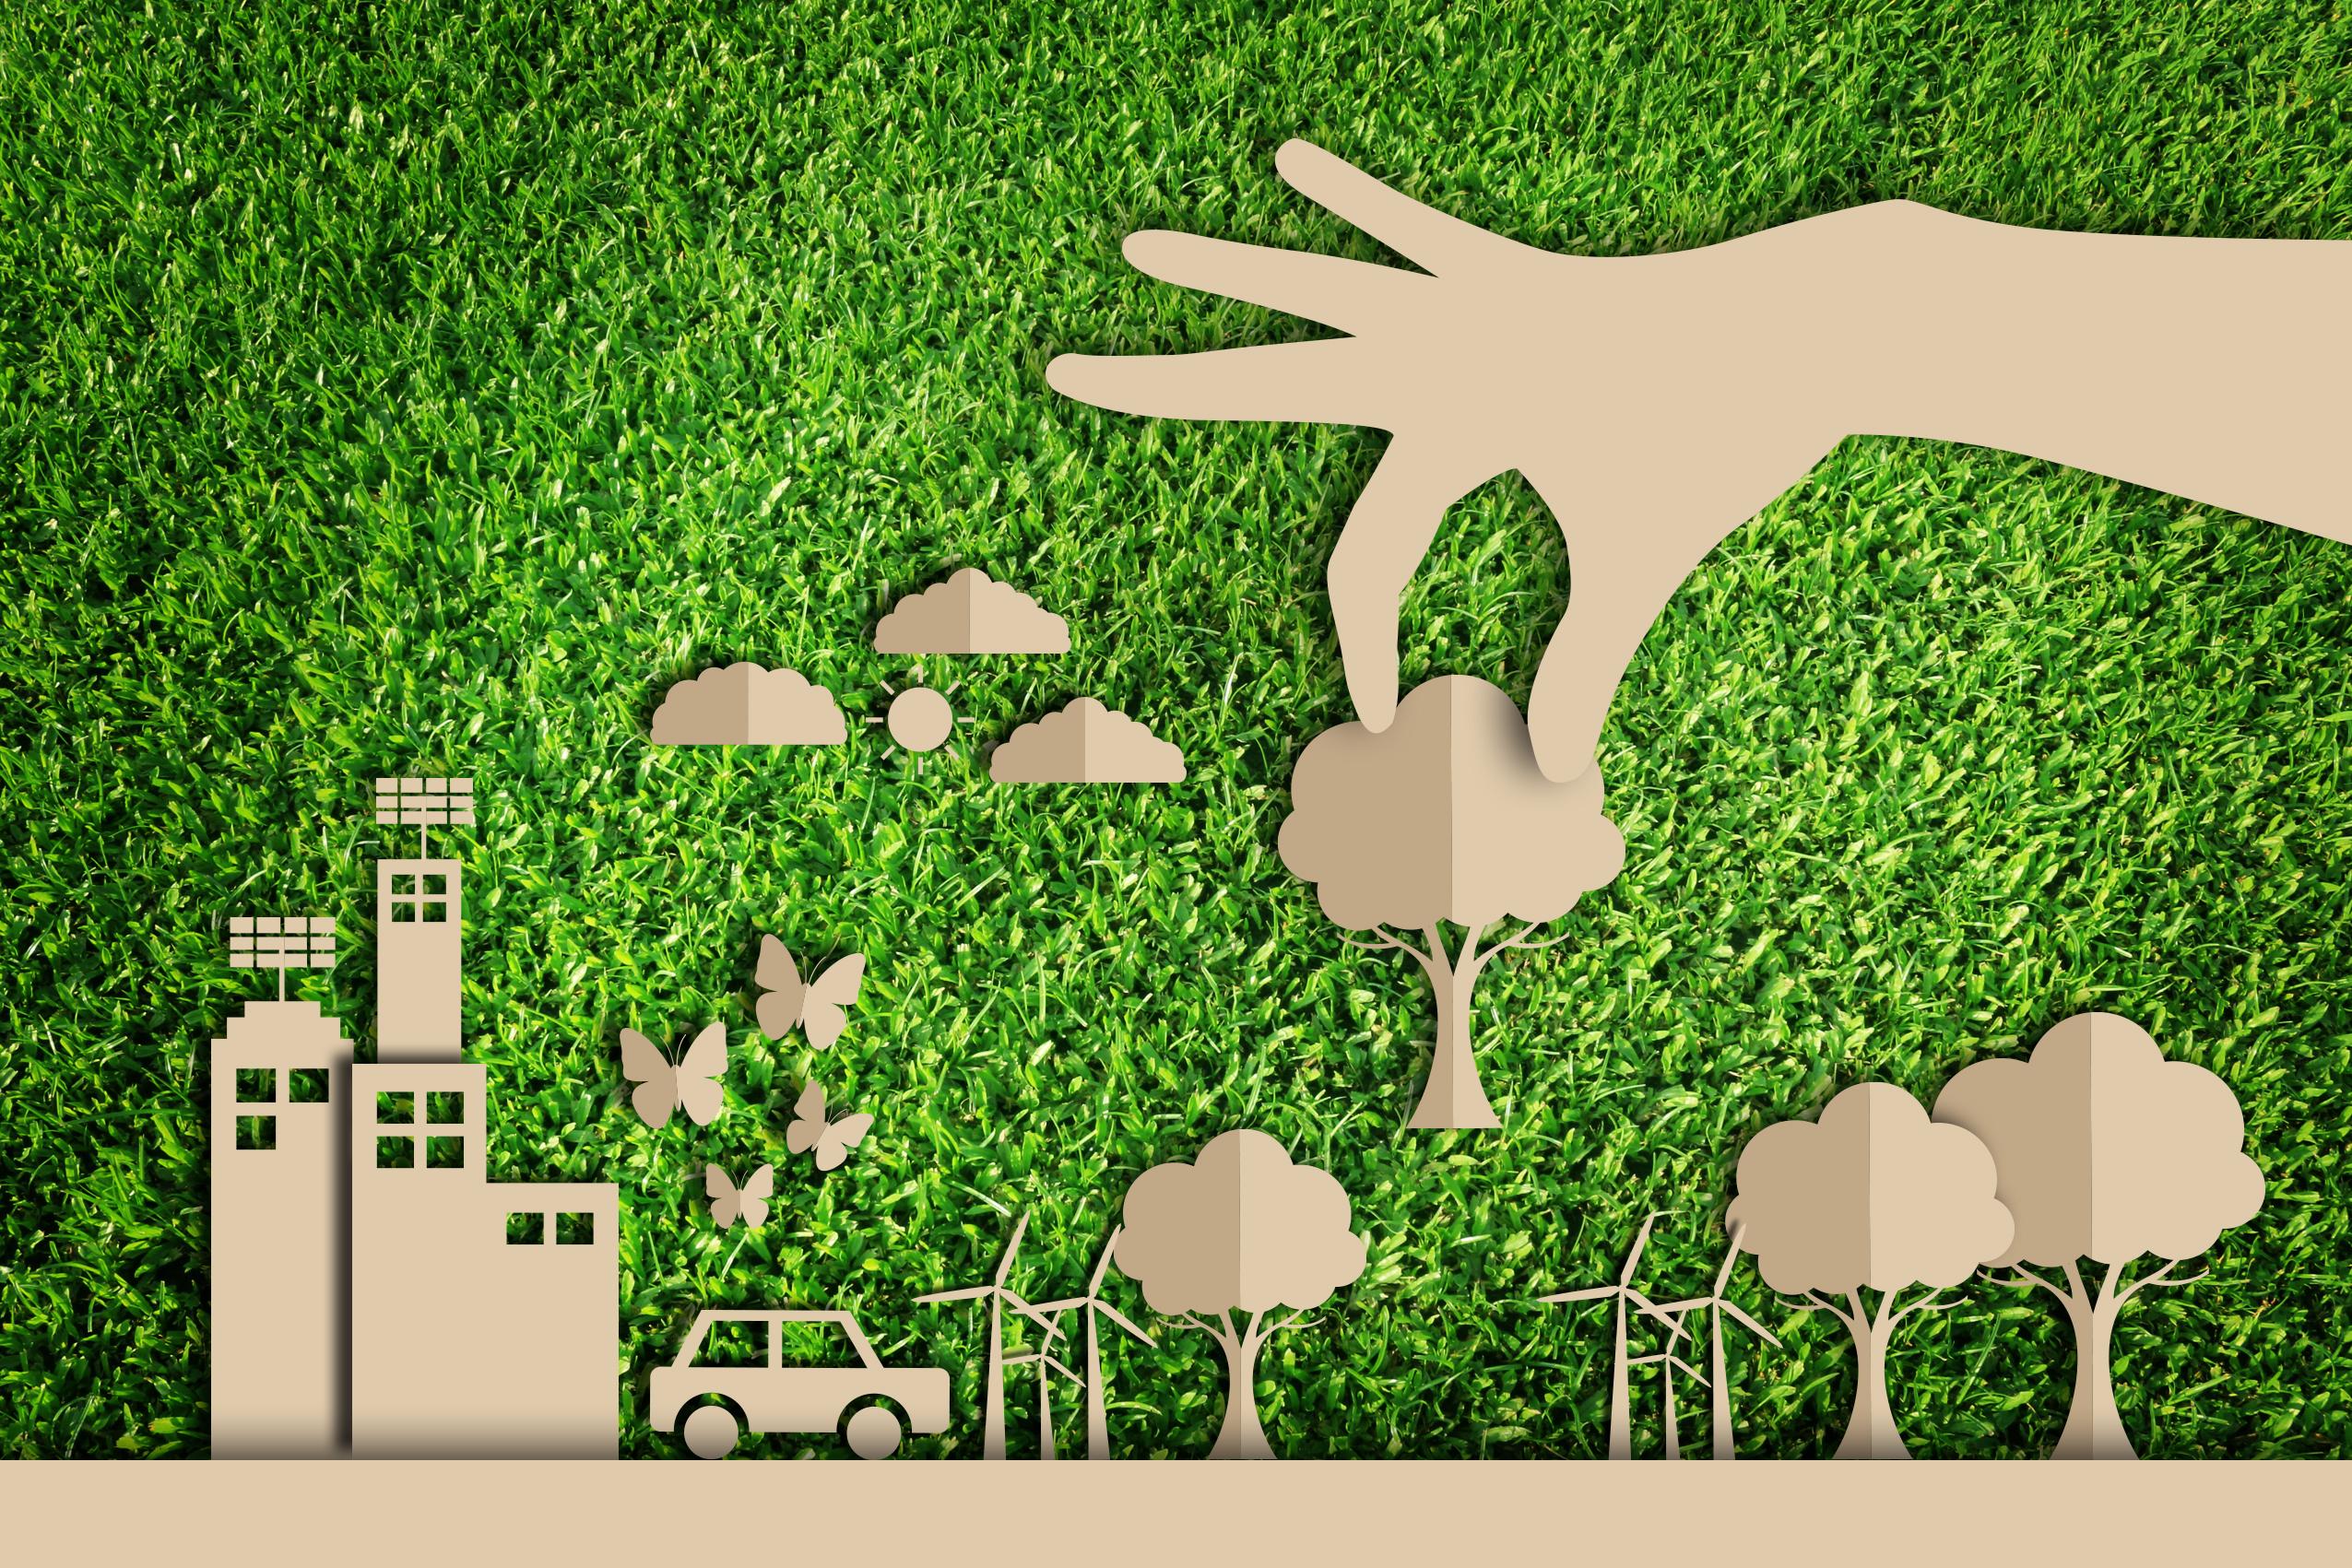 9a913efe62de Anteproyecto de ley para un urbanismo sostenible en Andalucía (LUSA) -  COAATGR